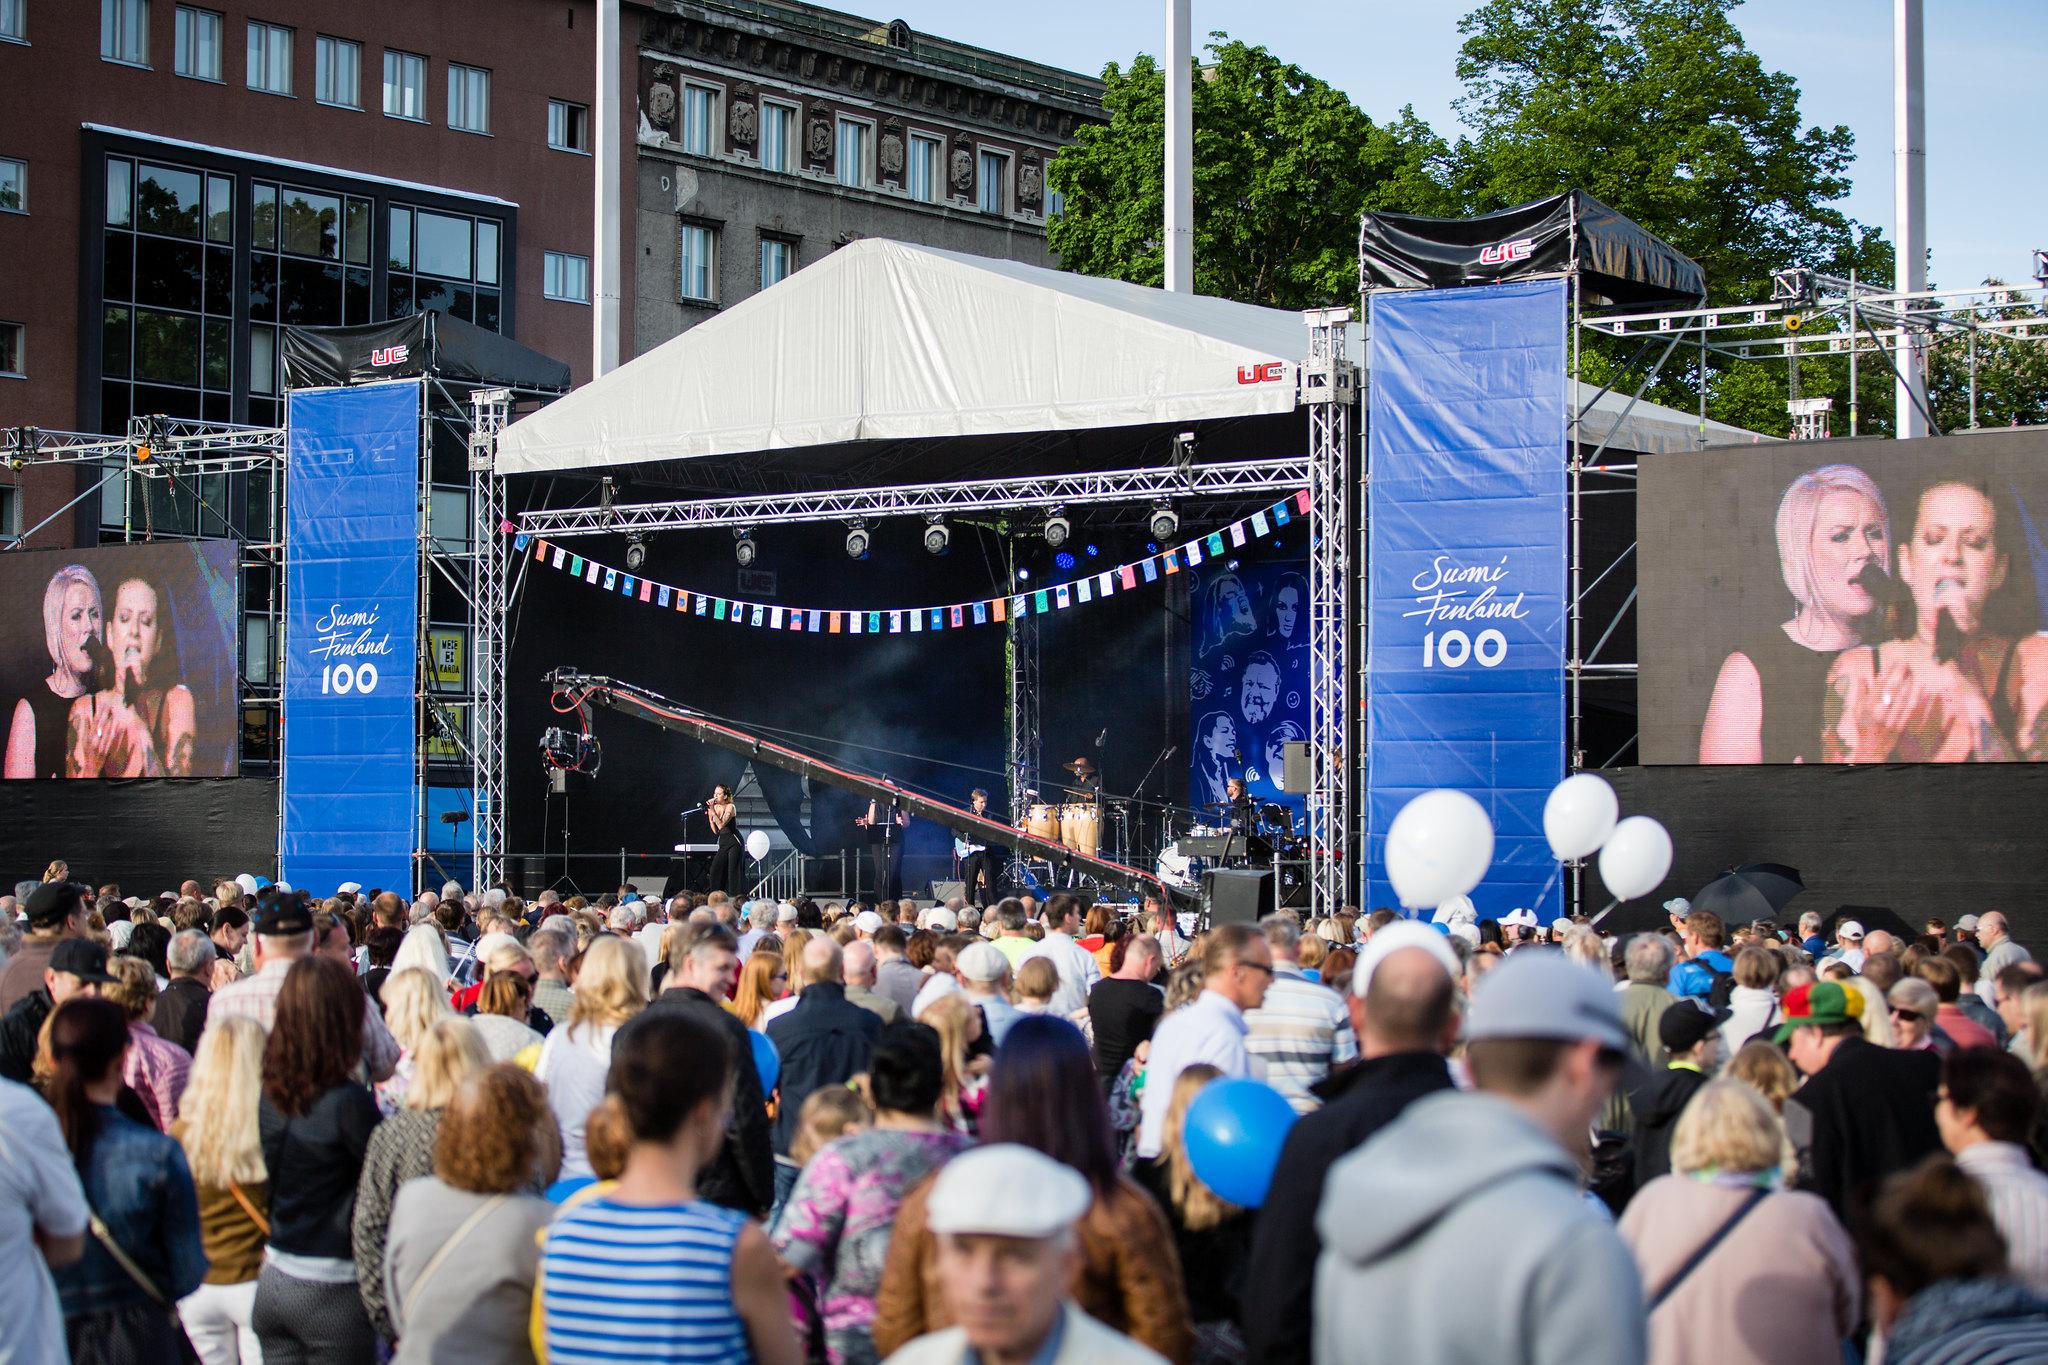 Soome juubeliaasta peasündmust Eestis toetasid paljud ettevõtted